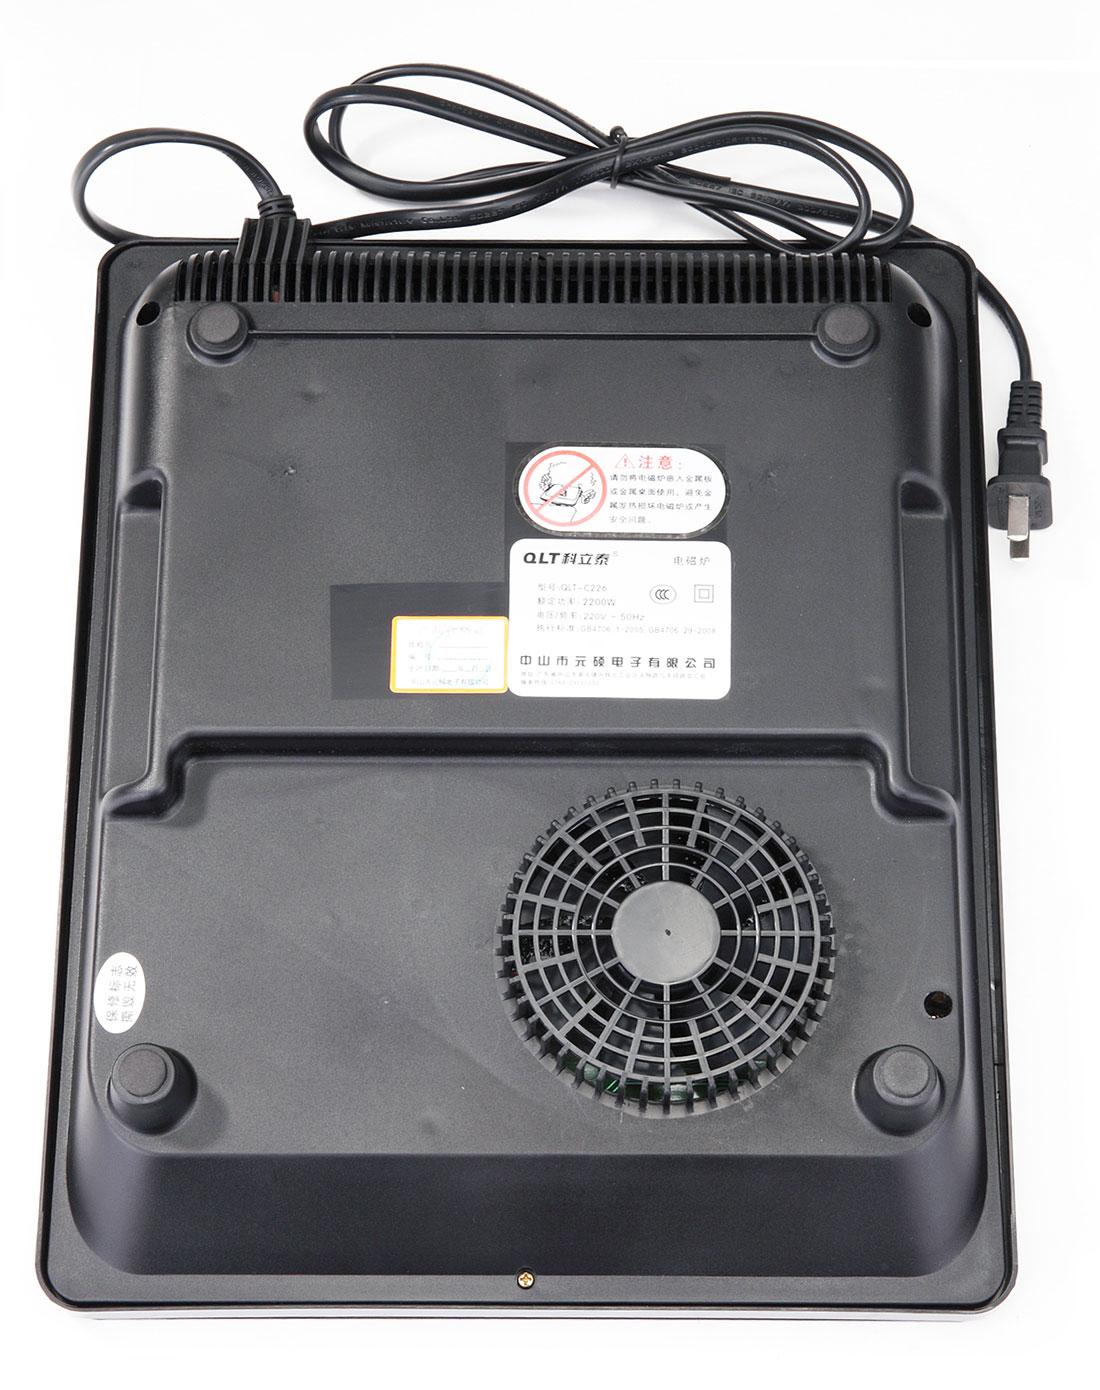 科立泰qlt电器专场-电磁炉 配汤锅 2000w